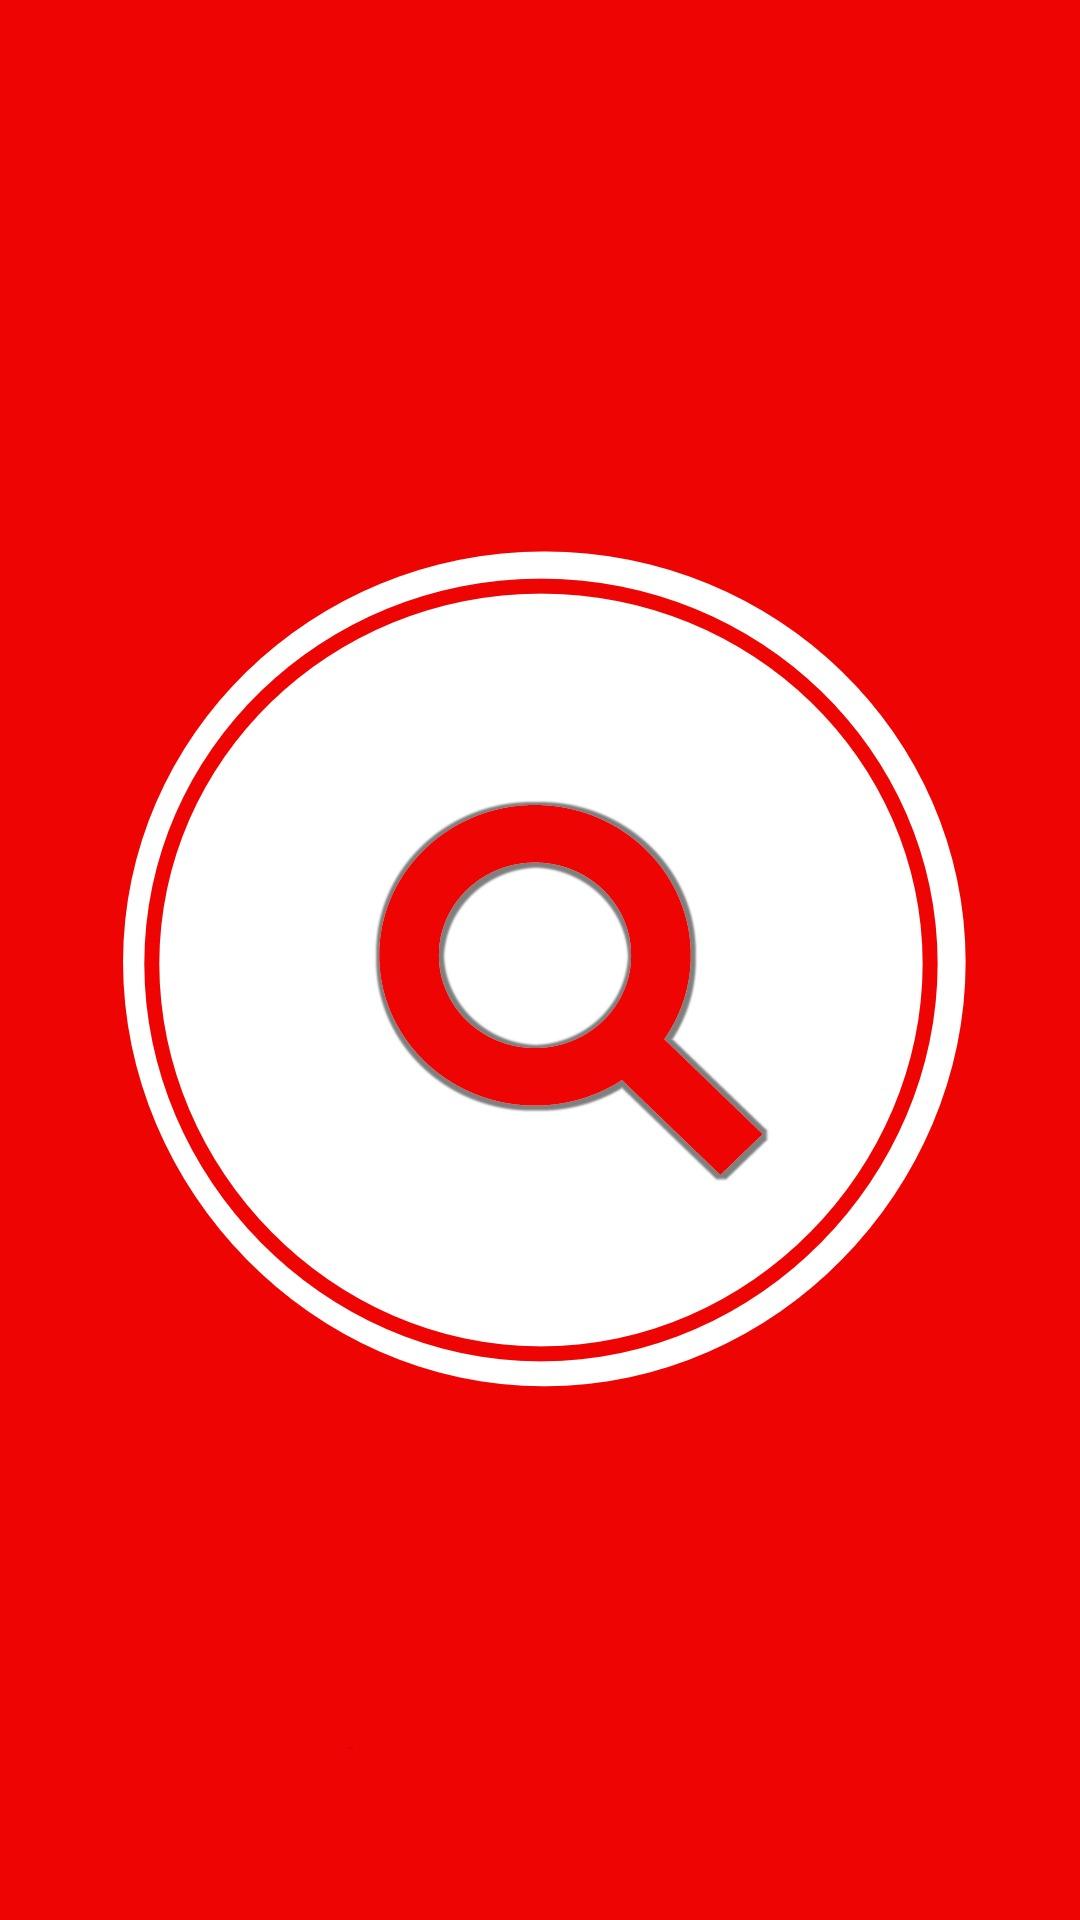 Instagram-cover-magnify-red-lotnotes.com.jpg